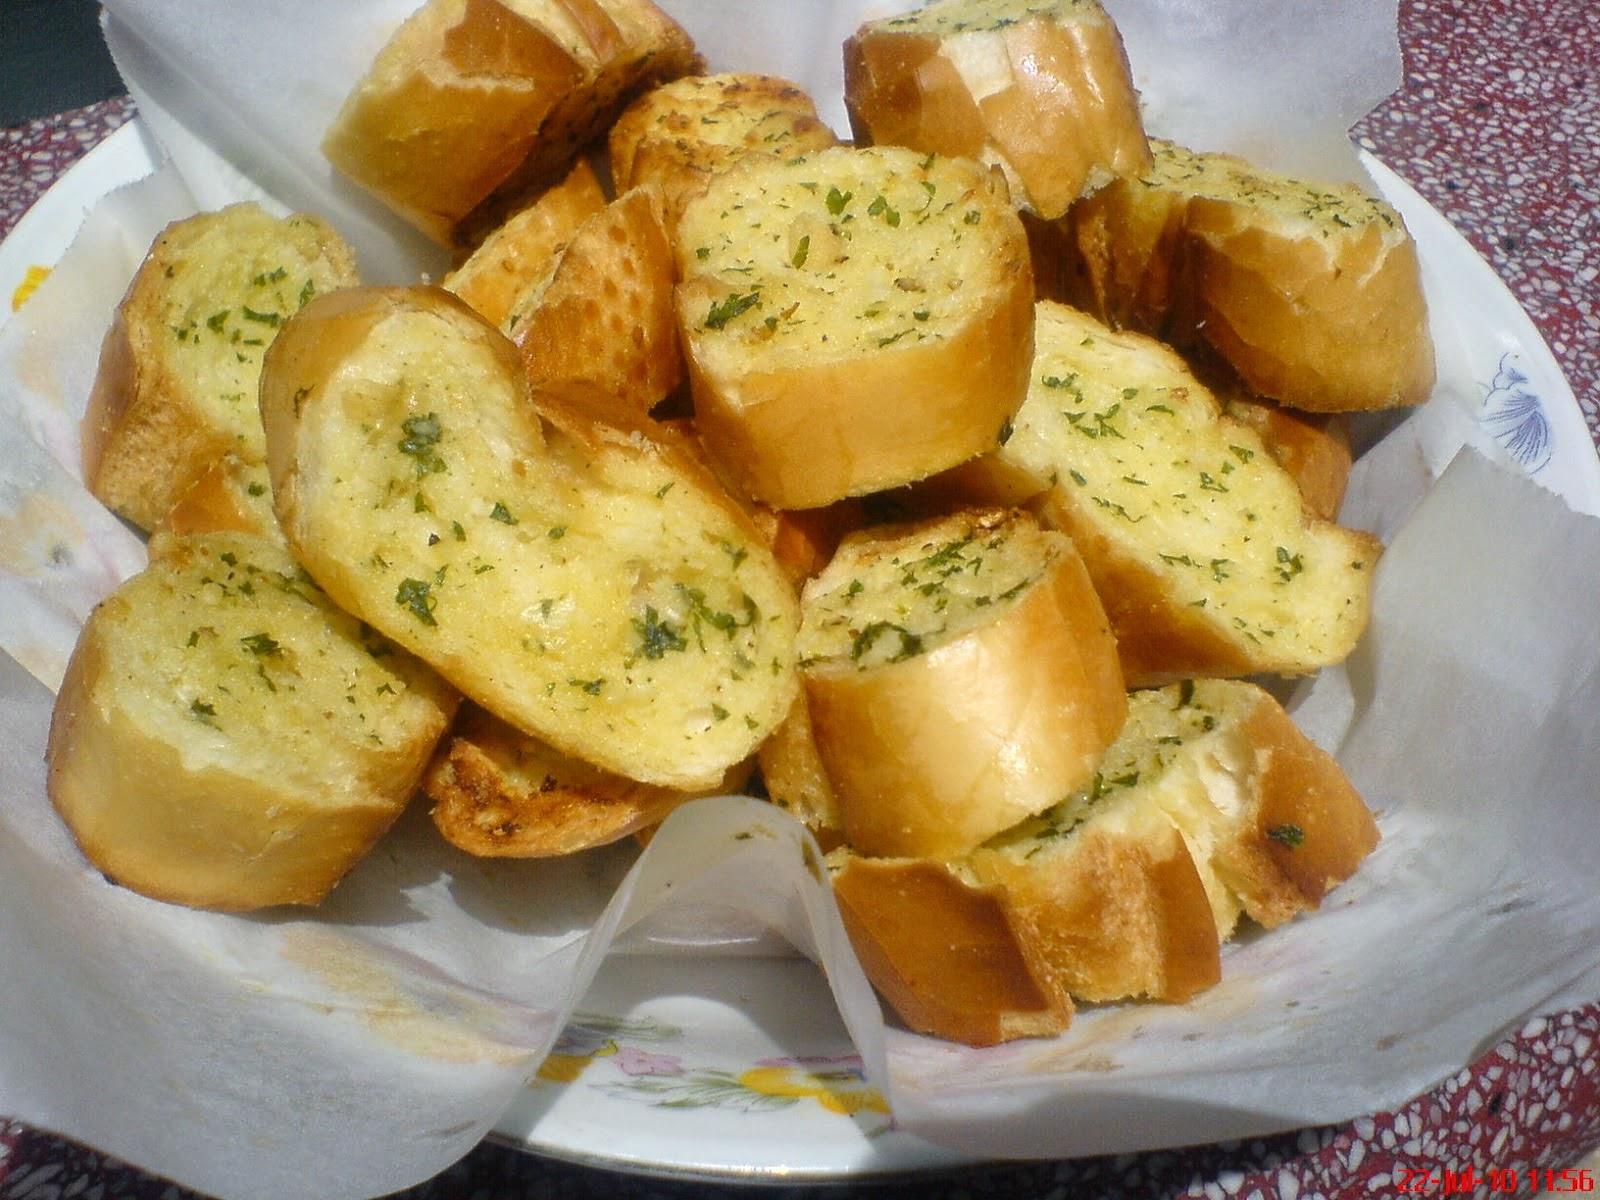 bánh mì bơ tỏi thơm giòn